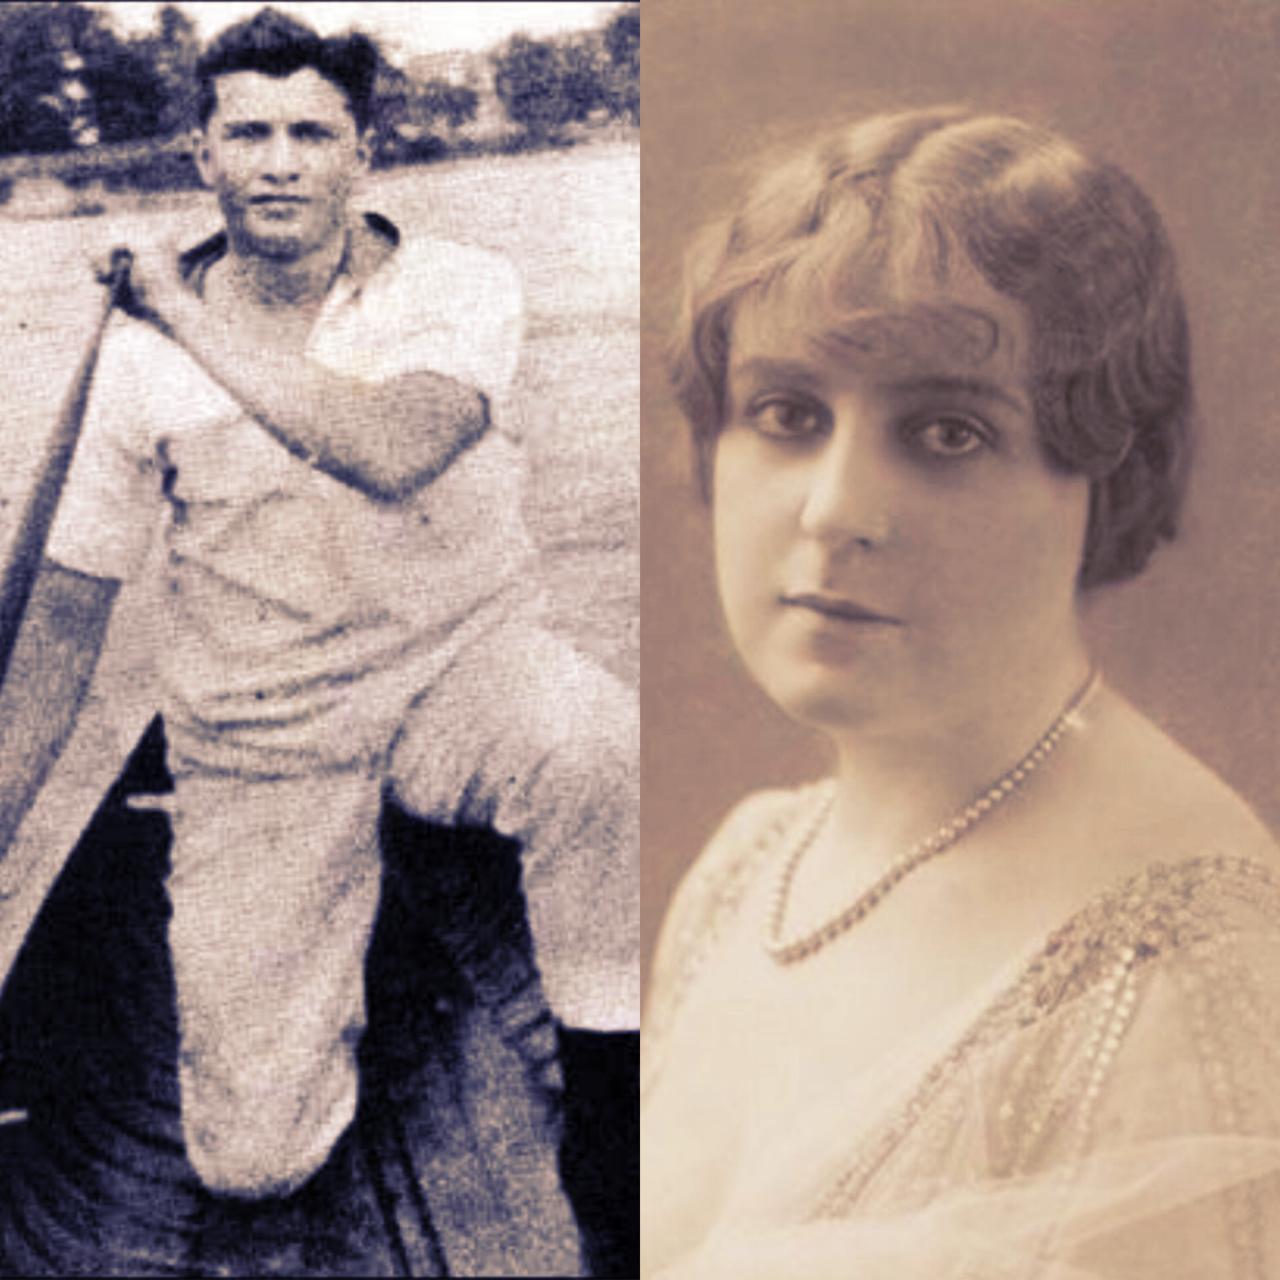 Người phụ nữ khẳng định mình là nạn nhân sống sót khỏi thảm kịch Titanic, thế nhưng không ai tin cho đến khi bà qua đời - Ảnh 2.